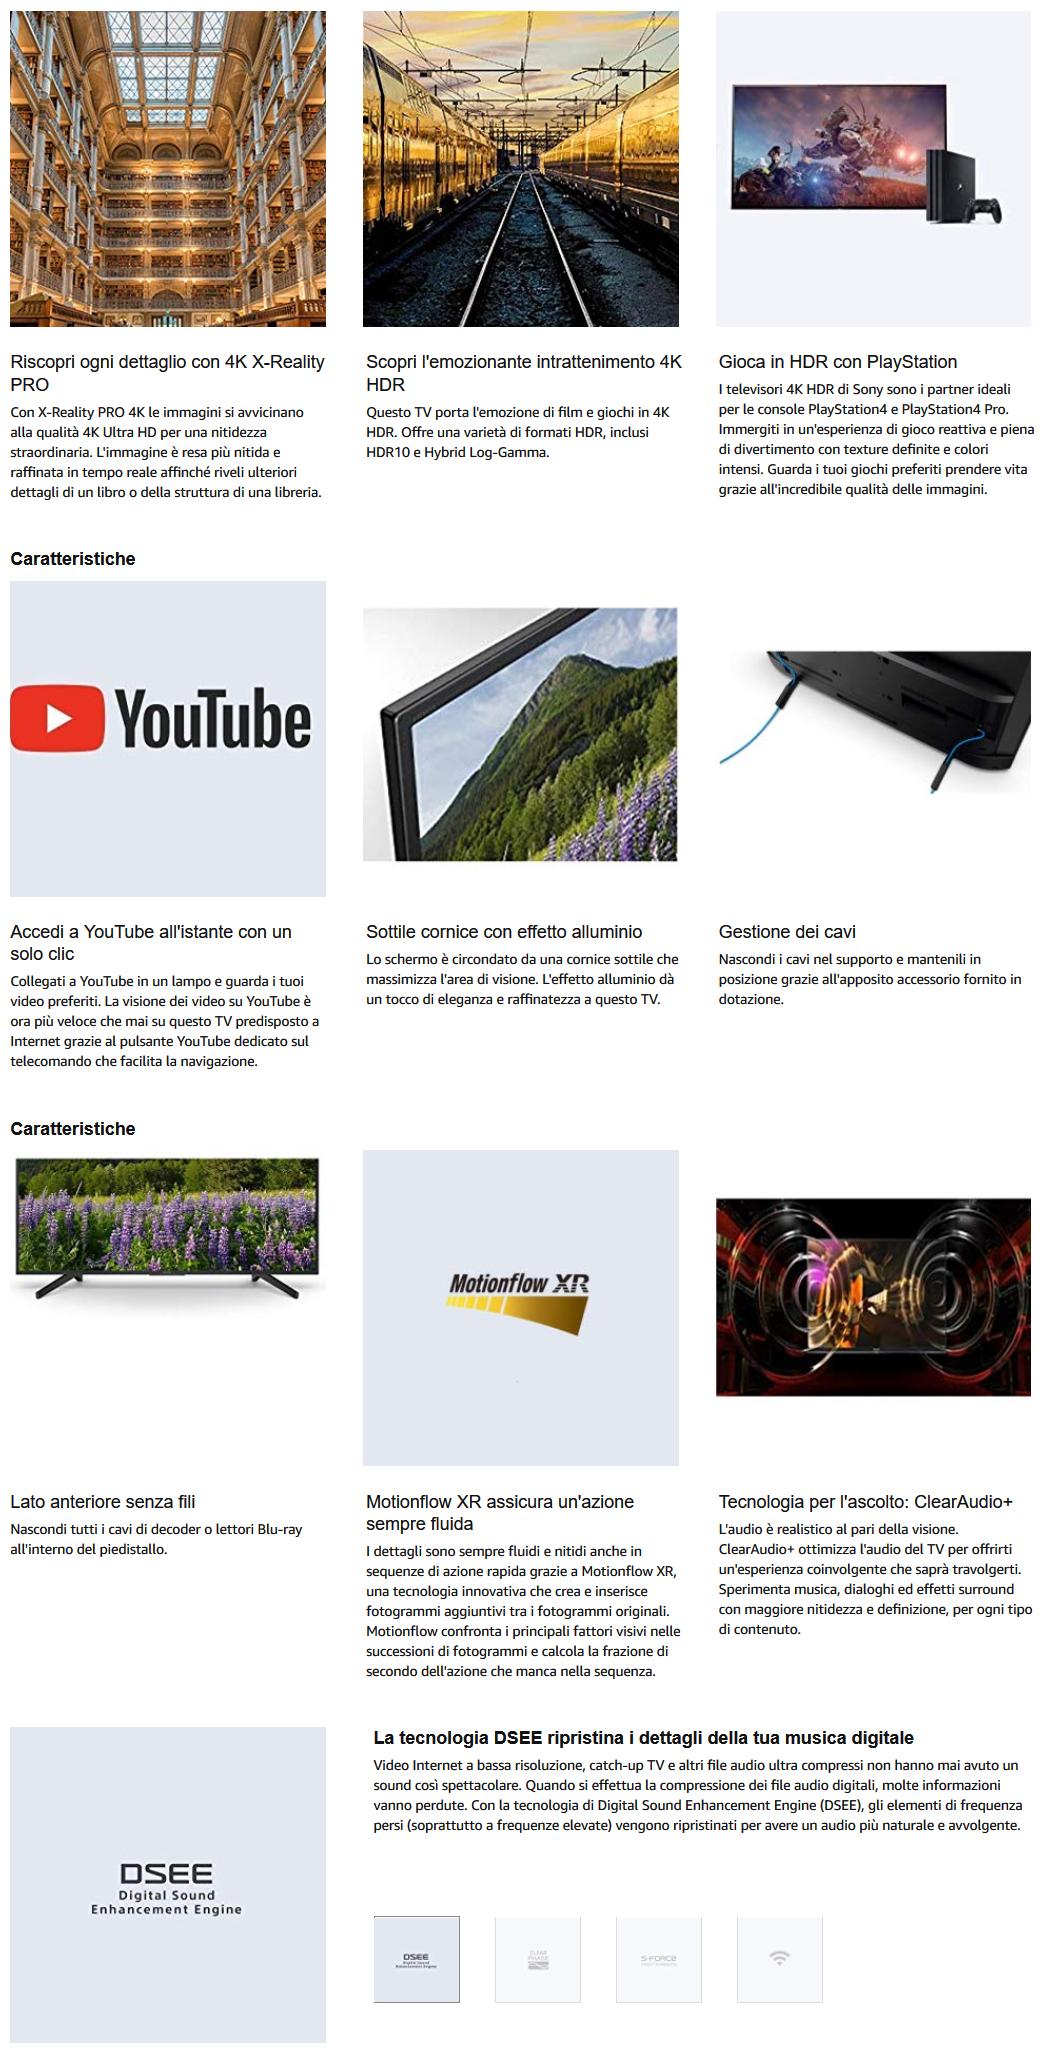 sony-smart-tv-in-offerta-1 4 Smart TV 4K Sony in Offerta limitata su Amazon